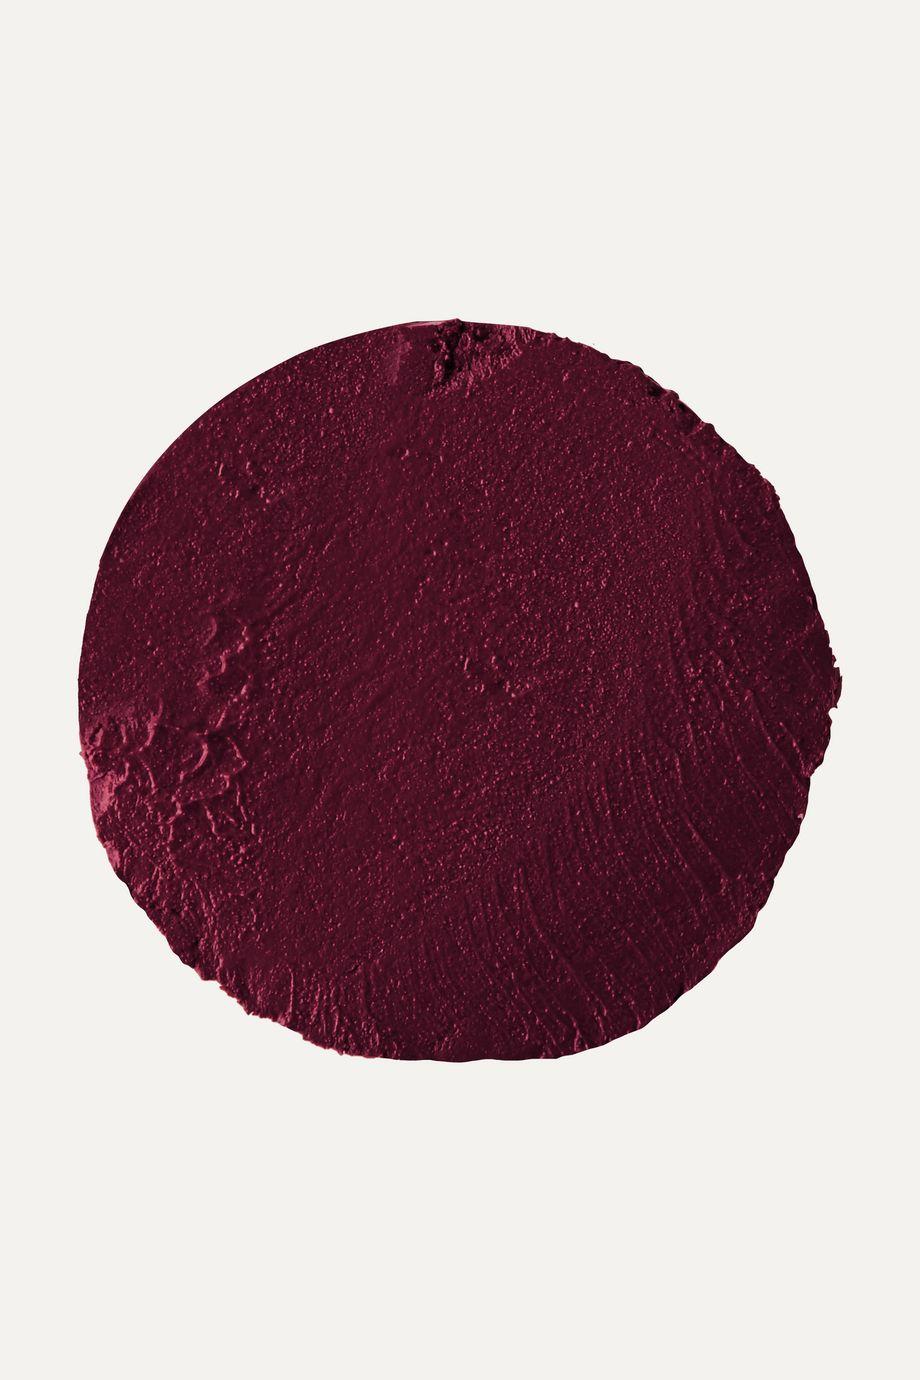 Ilia Color Block Lipstick - Ultra Violet